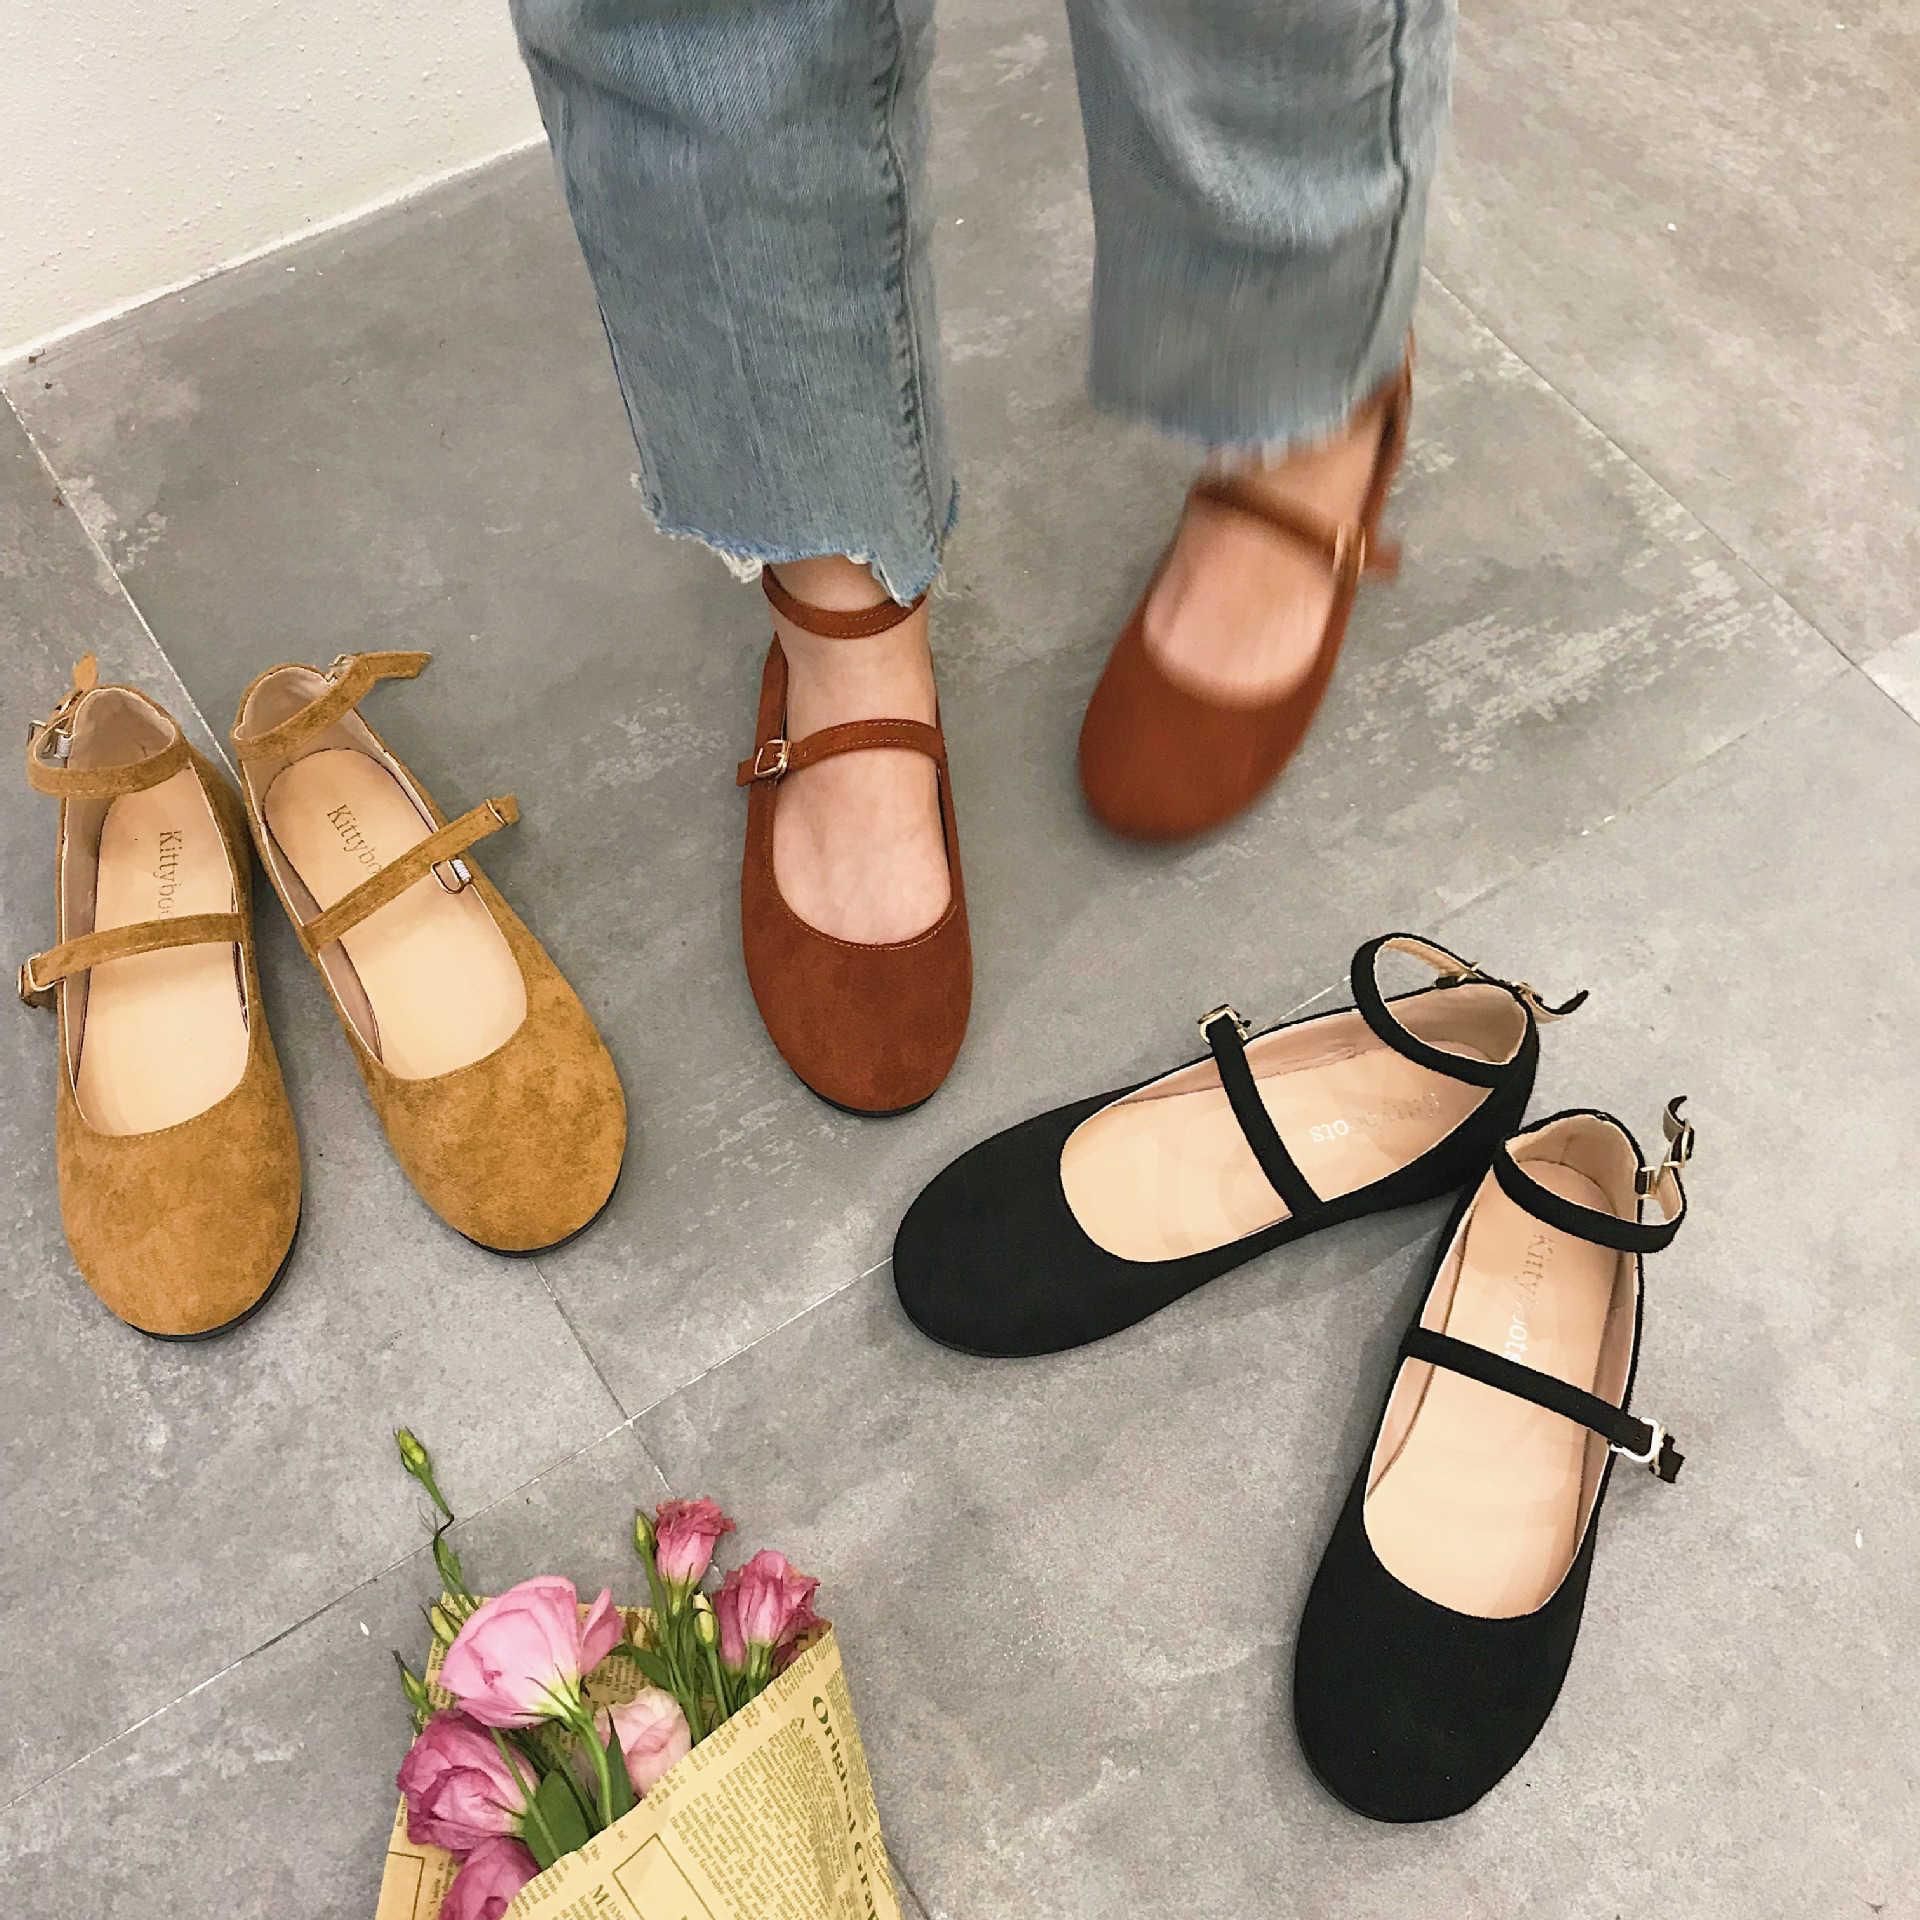 Sıcak Sale-2019 Sonbahar Erken Chic Tek Yuvarlak Ayakkabı Baş Her Iki Satır Toka Sığ Ağız Düz Alt kadın Tekler ayakkabı